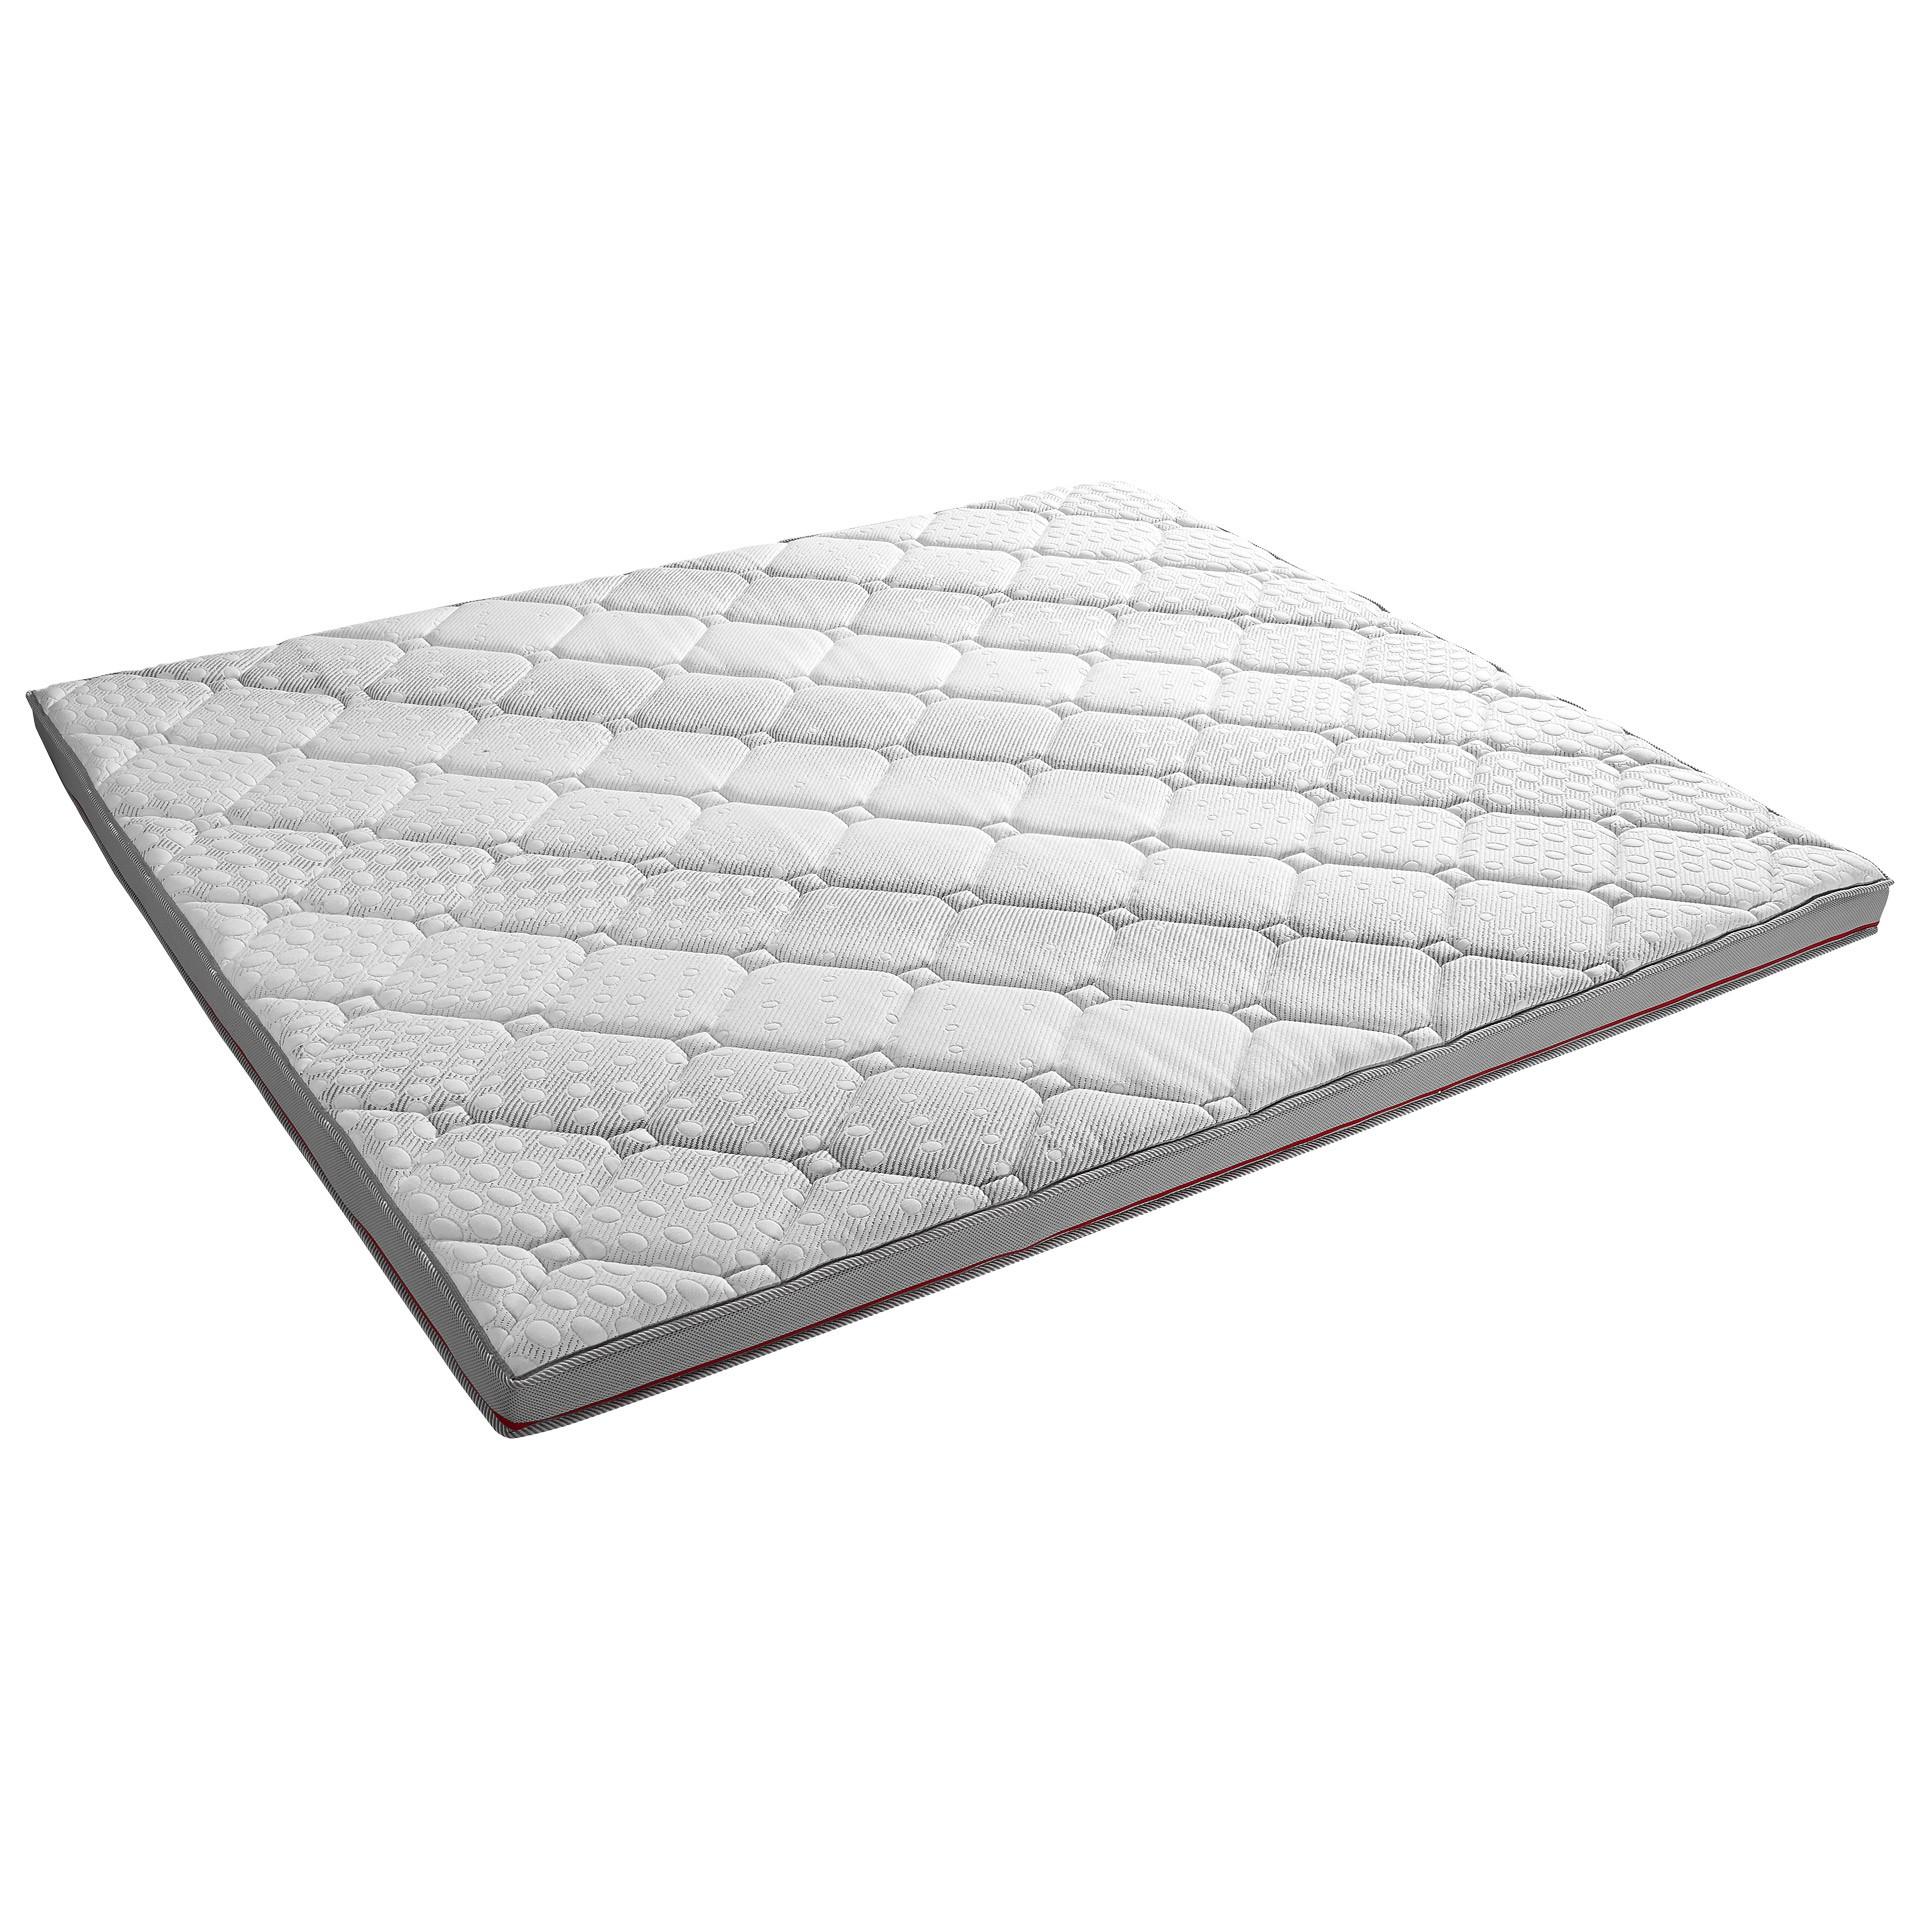 Matratzenauflage 160x200 Danisches Bettenlager Die Beste